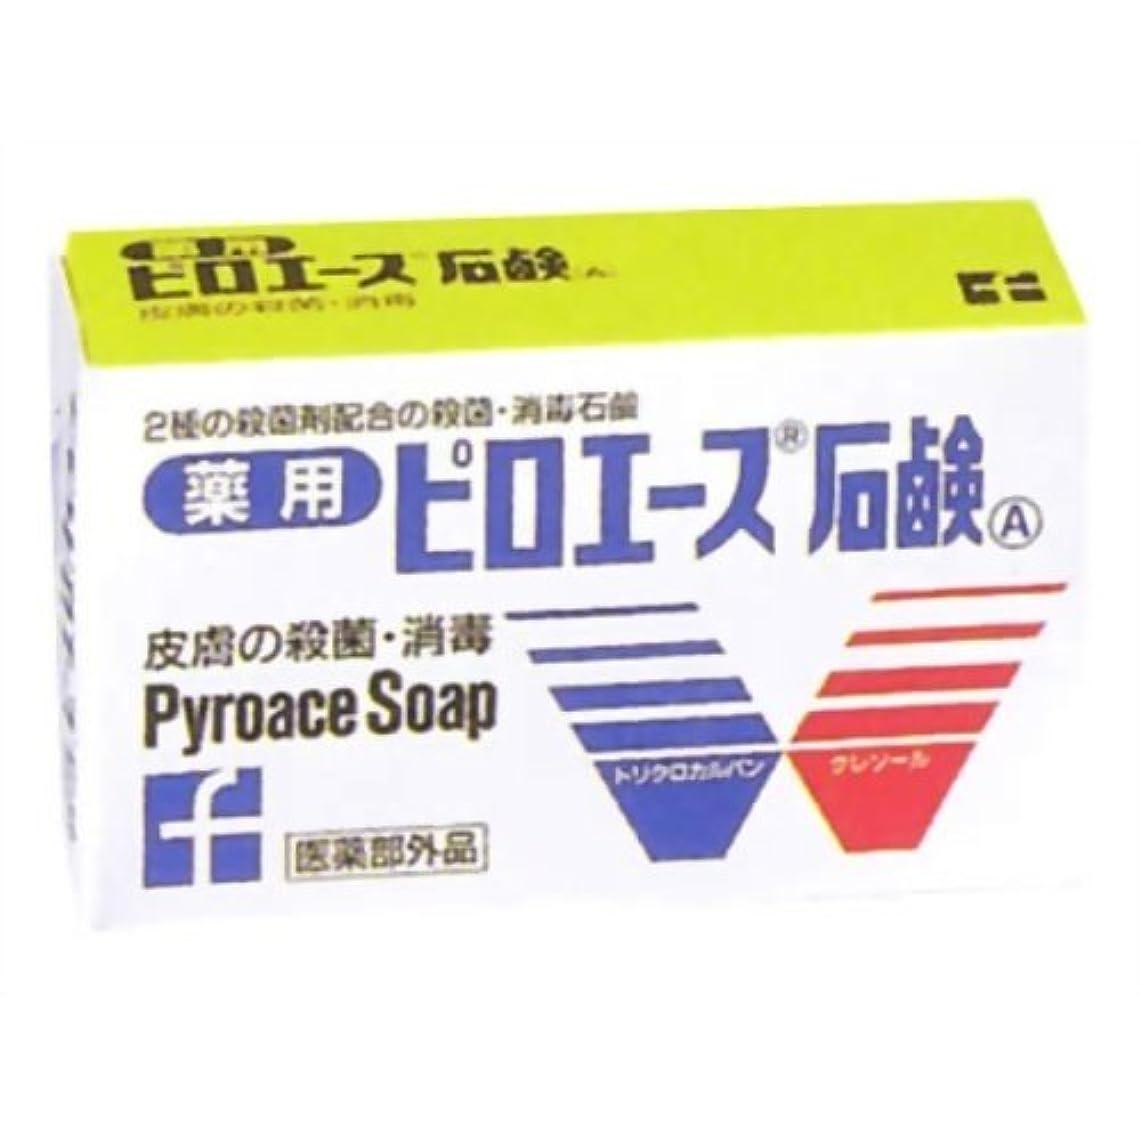 しかしながらマーチャンダイジング無【第一三共ヘルスケア】ピロエース石鹸 70g